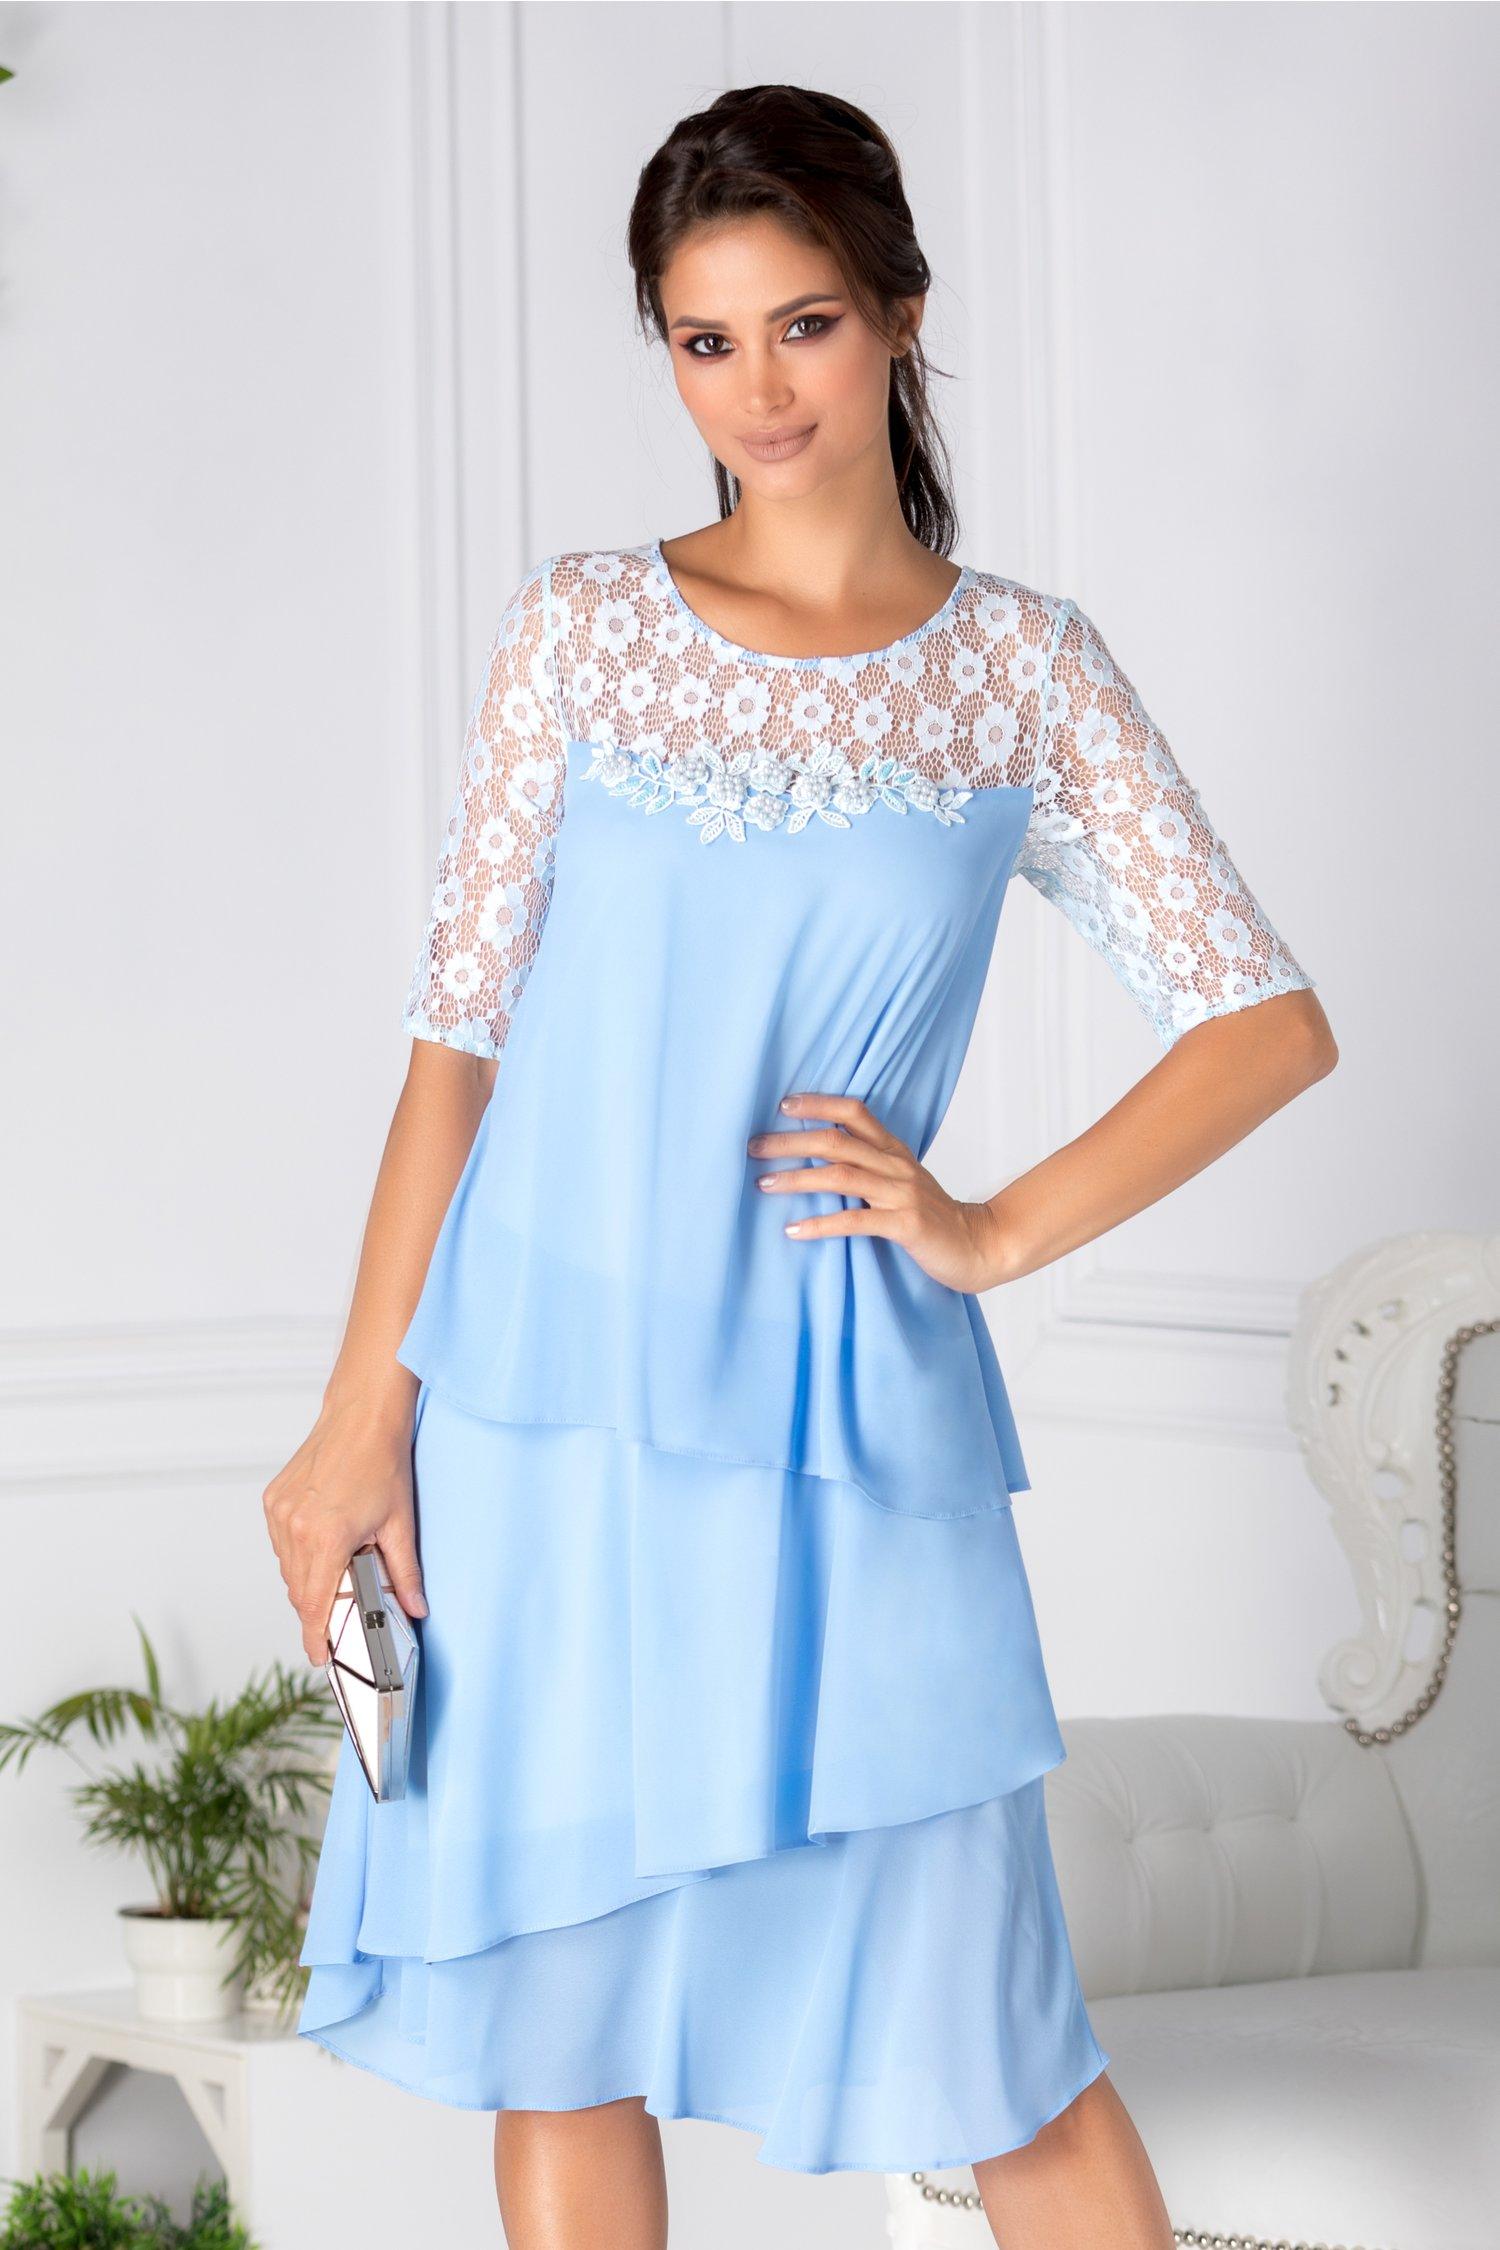 Rochie Carolina bleu cu volanase si broderie cu perle la bust